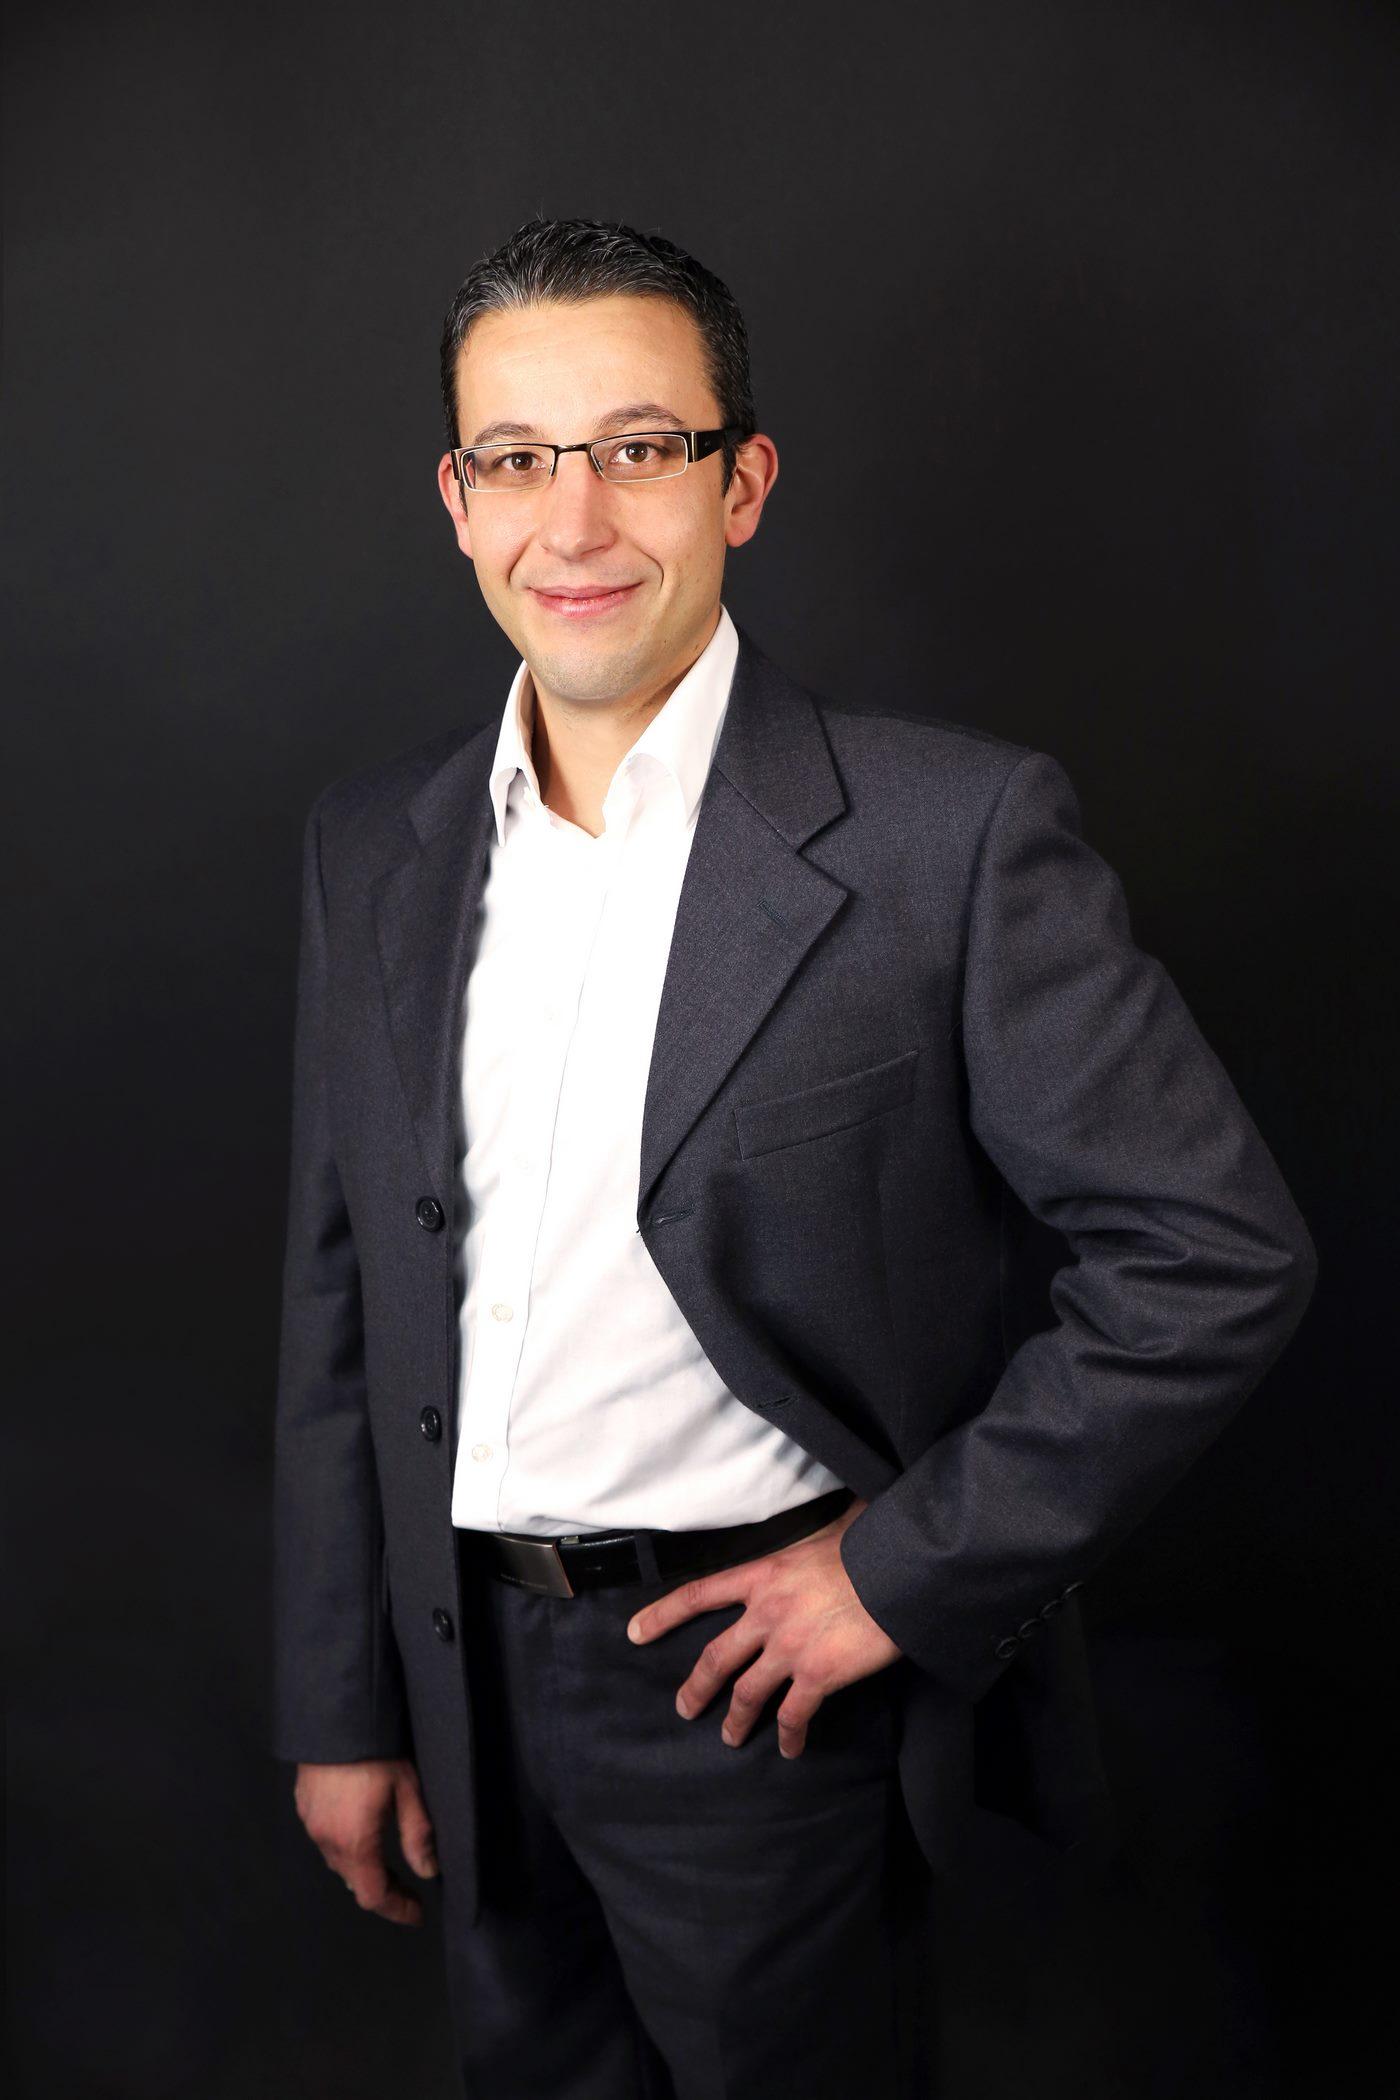 Junger Mann im Businesslook fotografiert